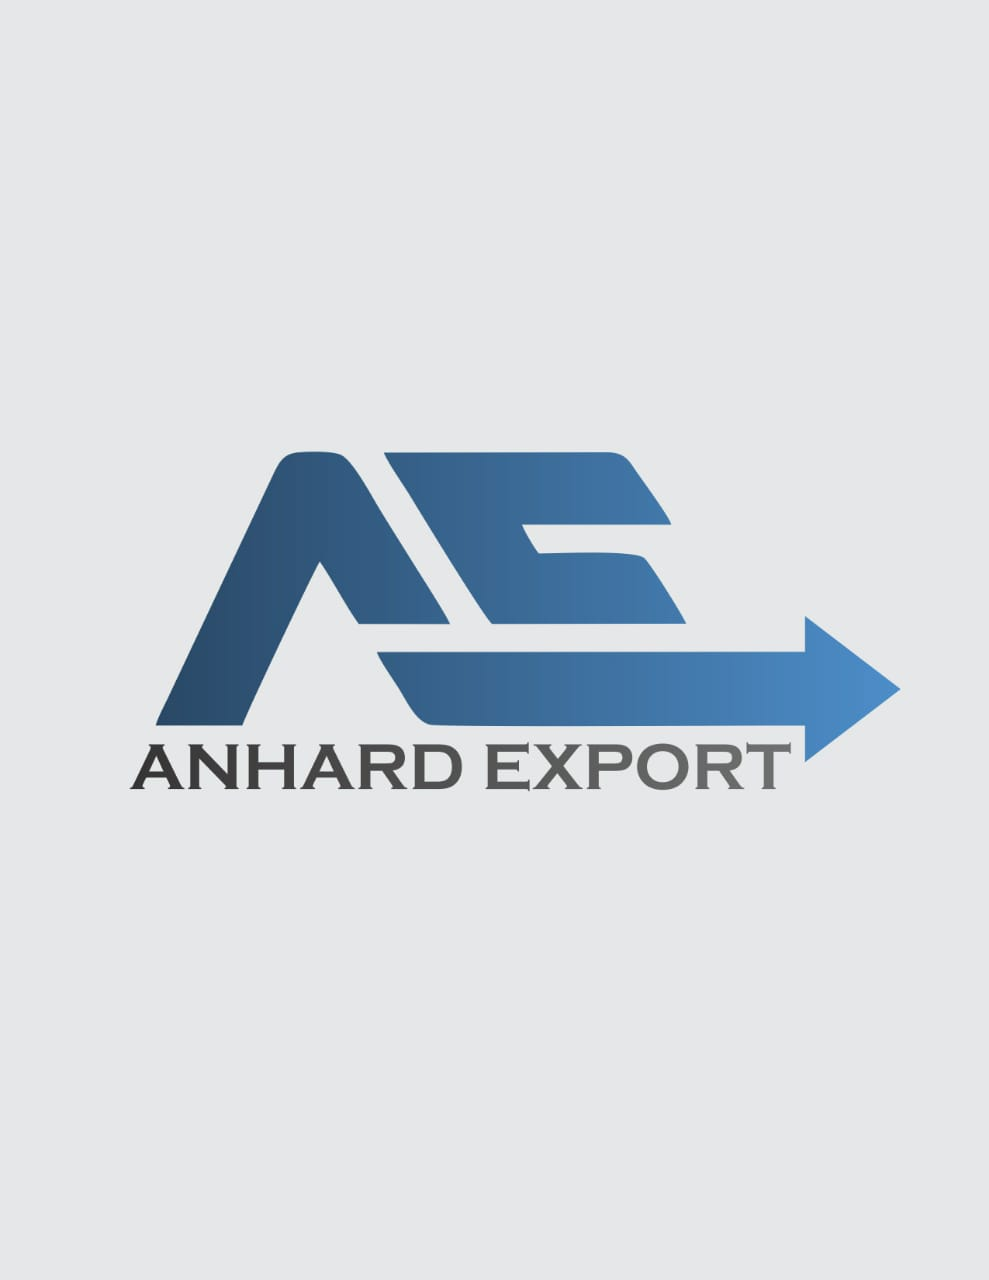 Anhard Export logo